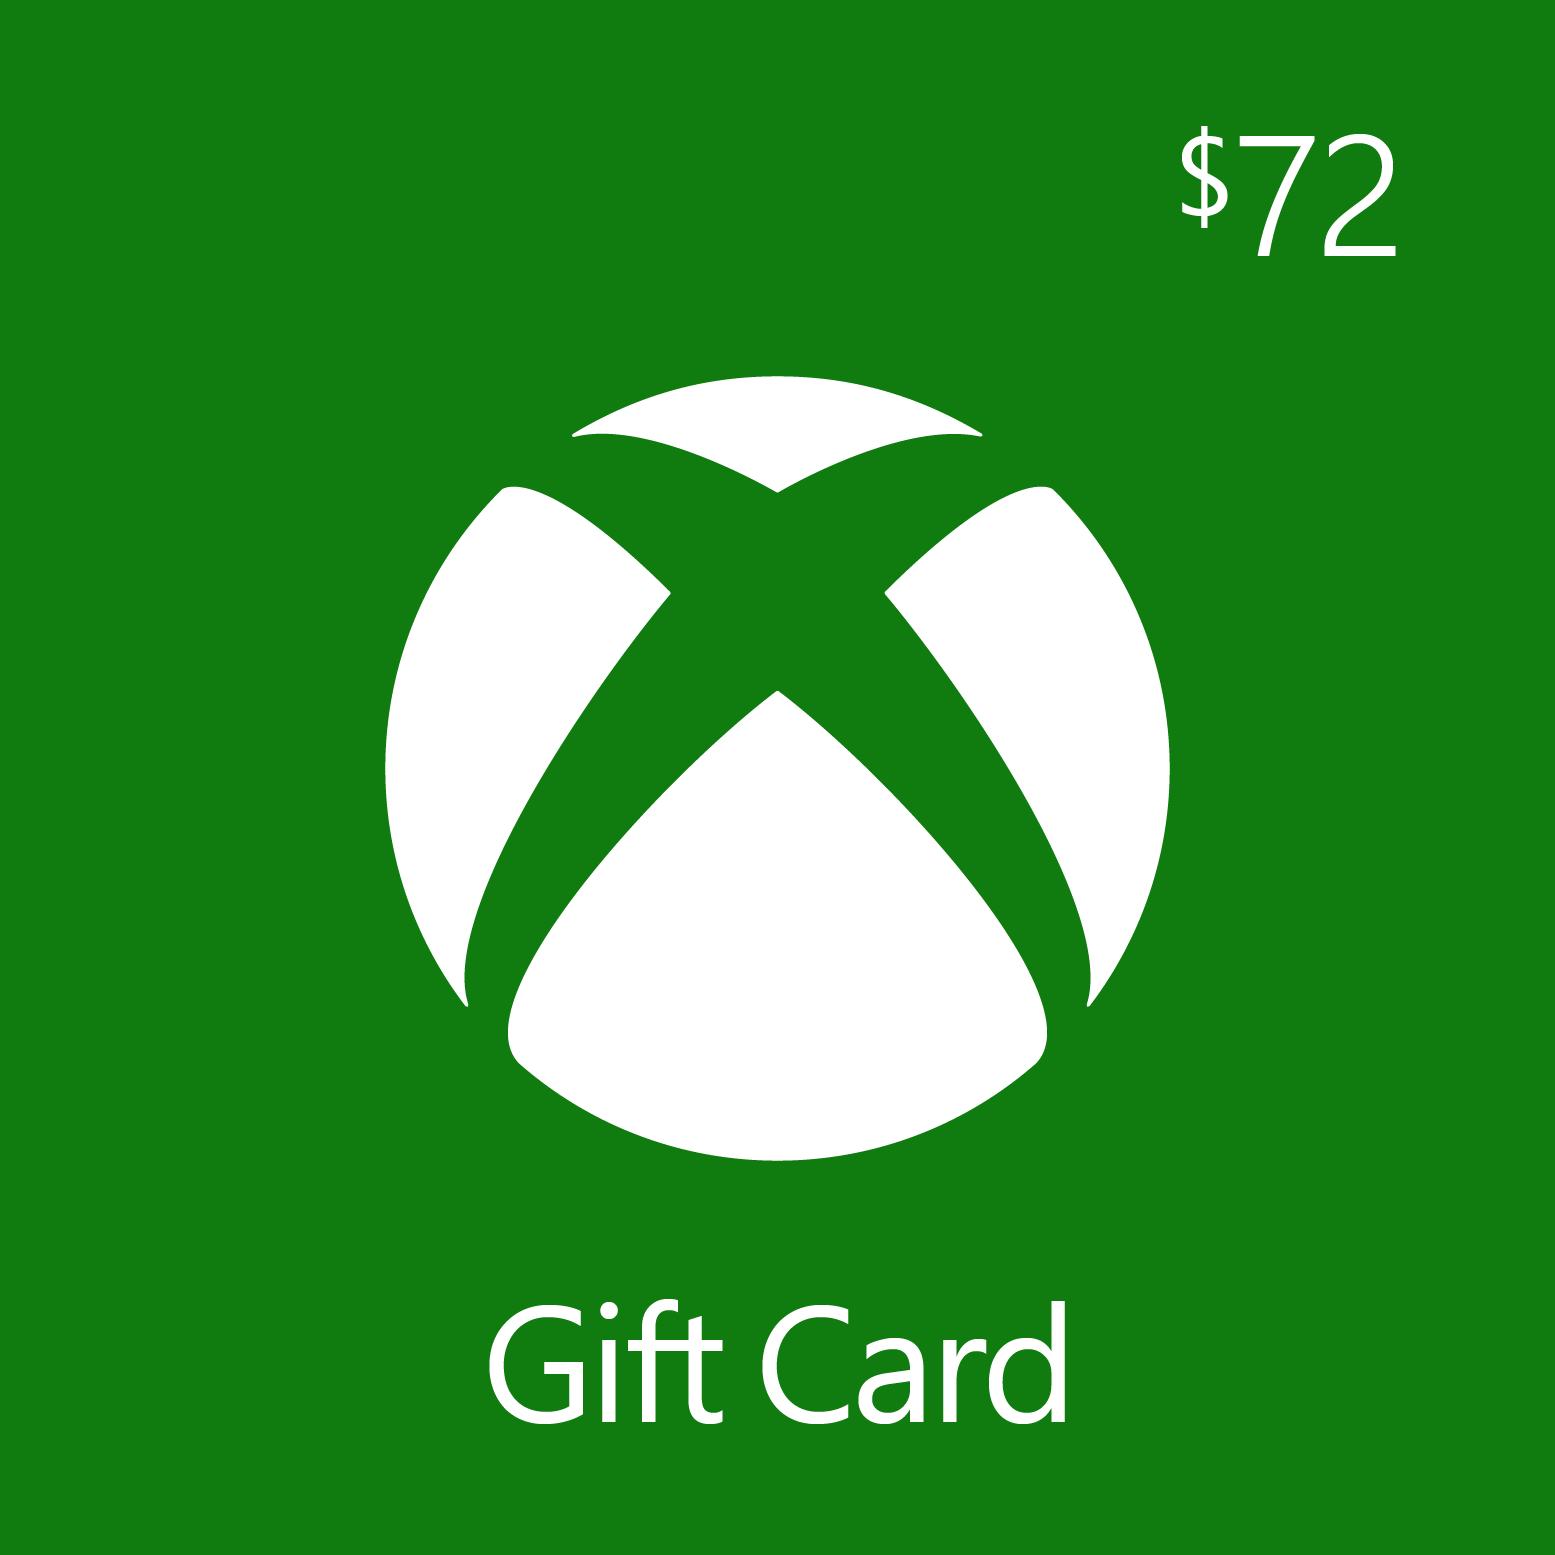 $72.00 Xbox Digital Gift Card